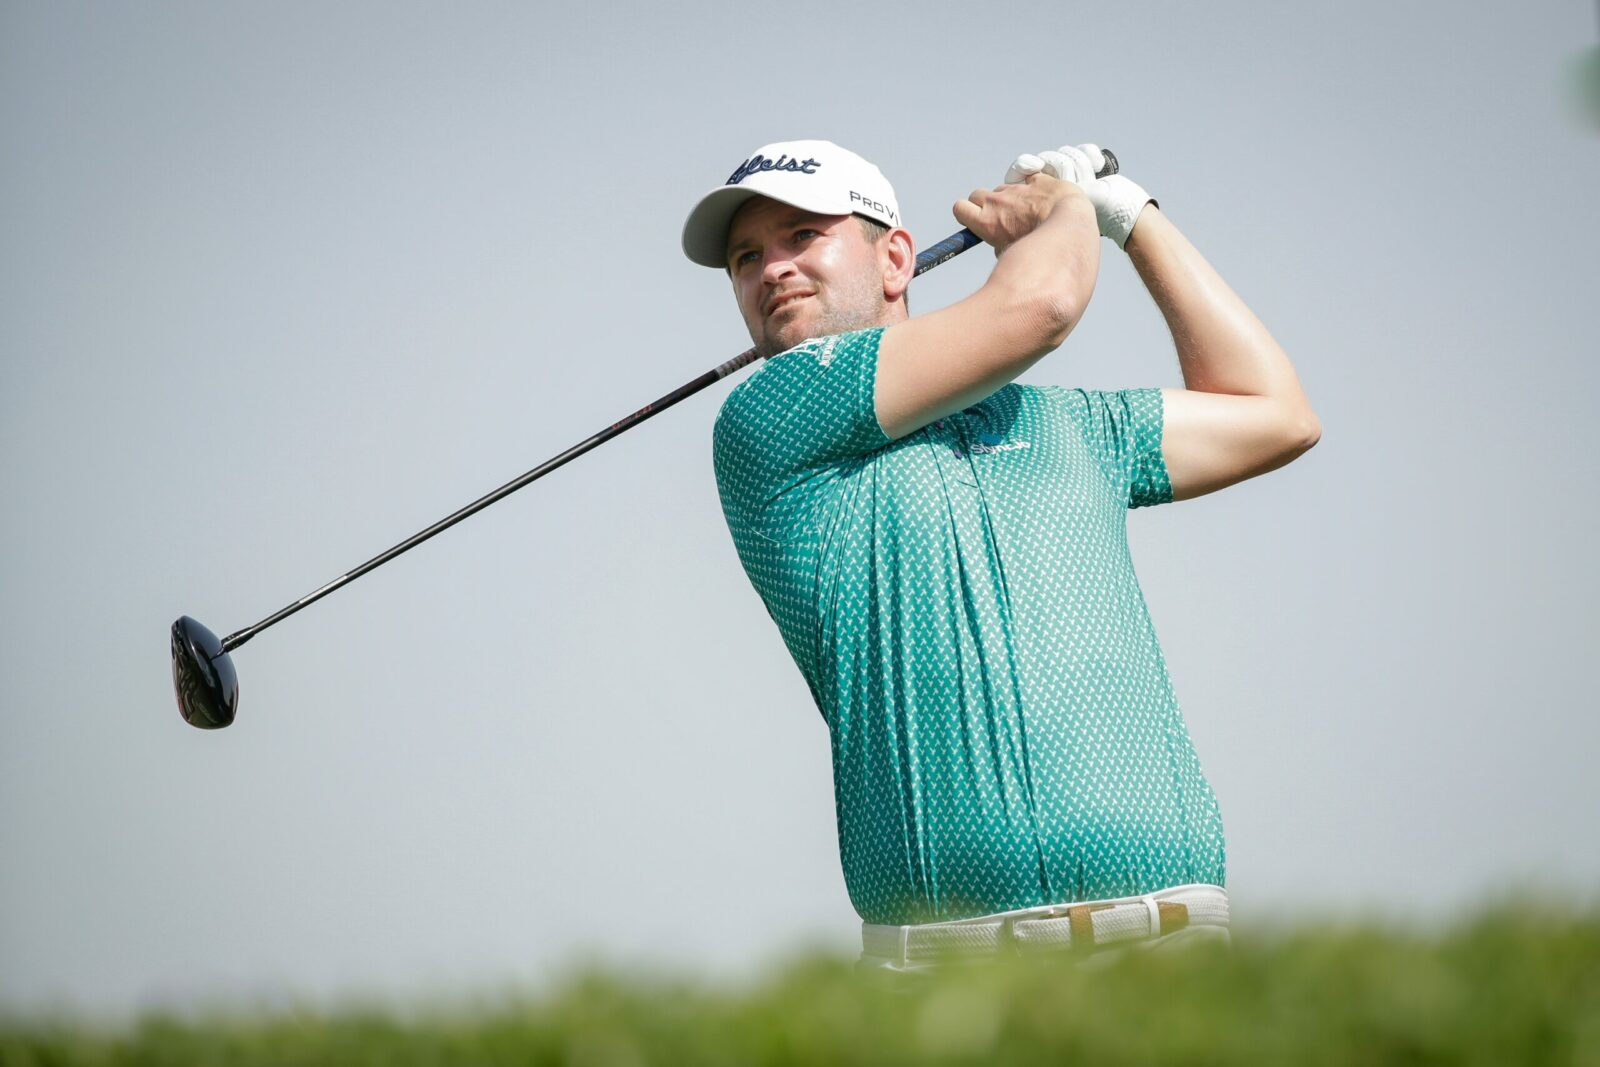 Austrian Golf Open: Sieg für Catlin (USA) nach Kieffers Play-Off-Drama